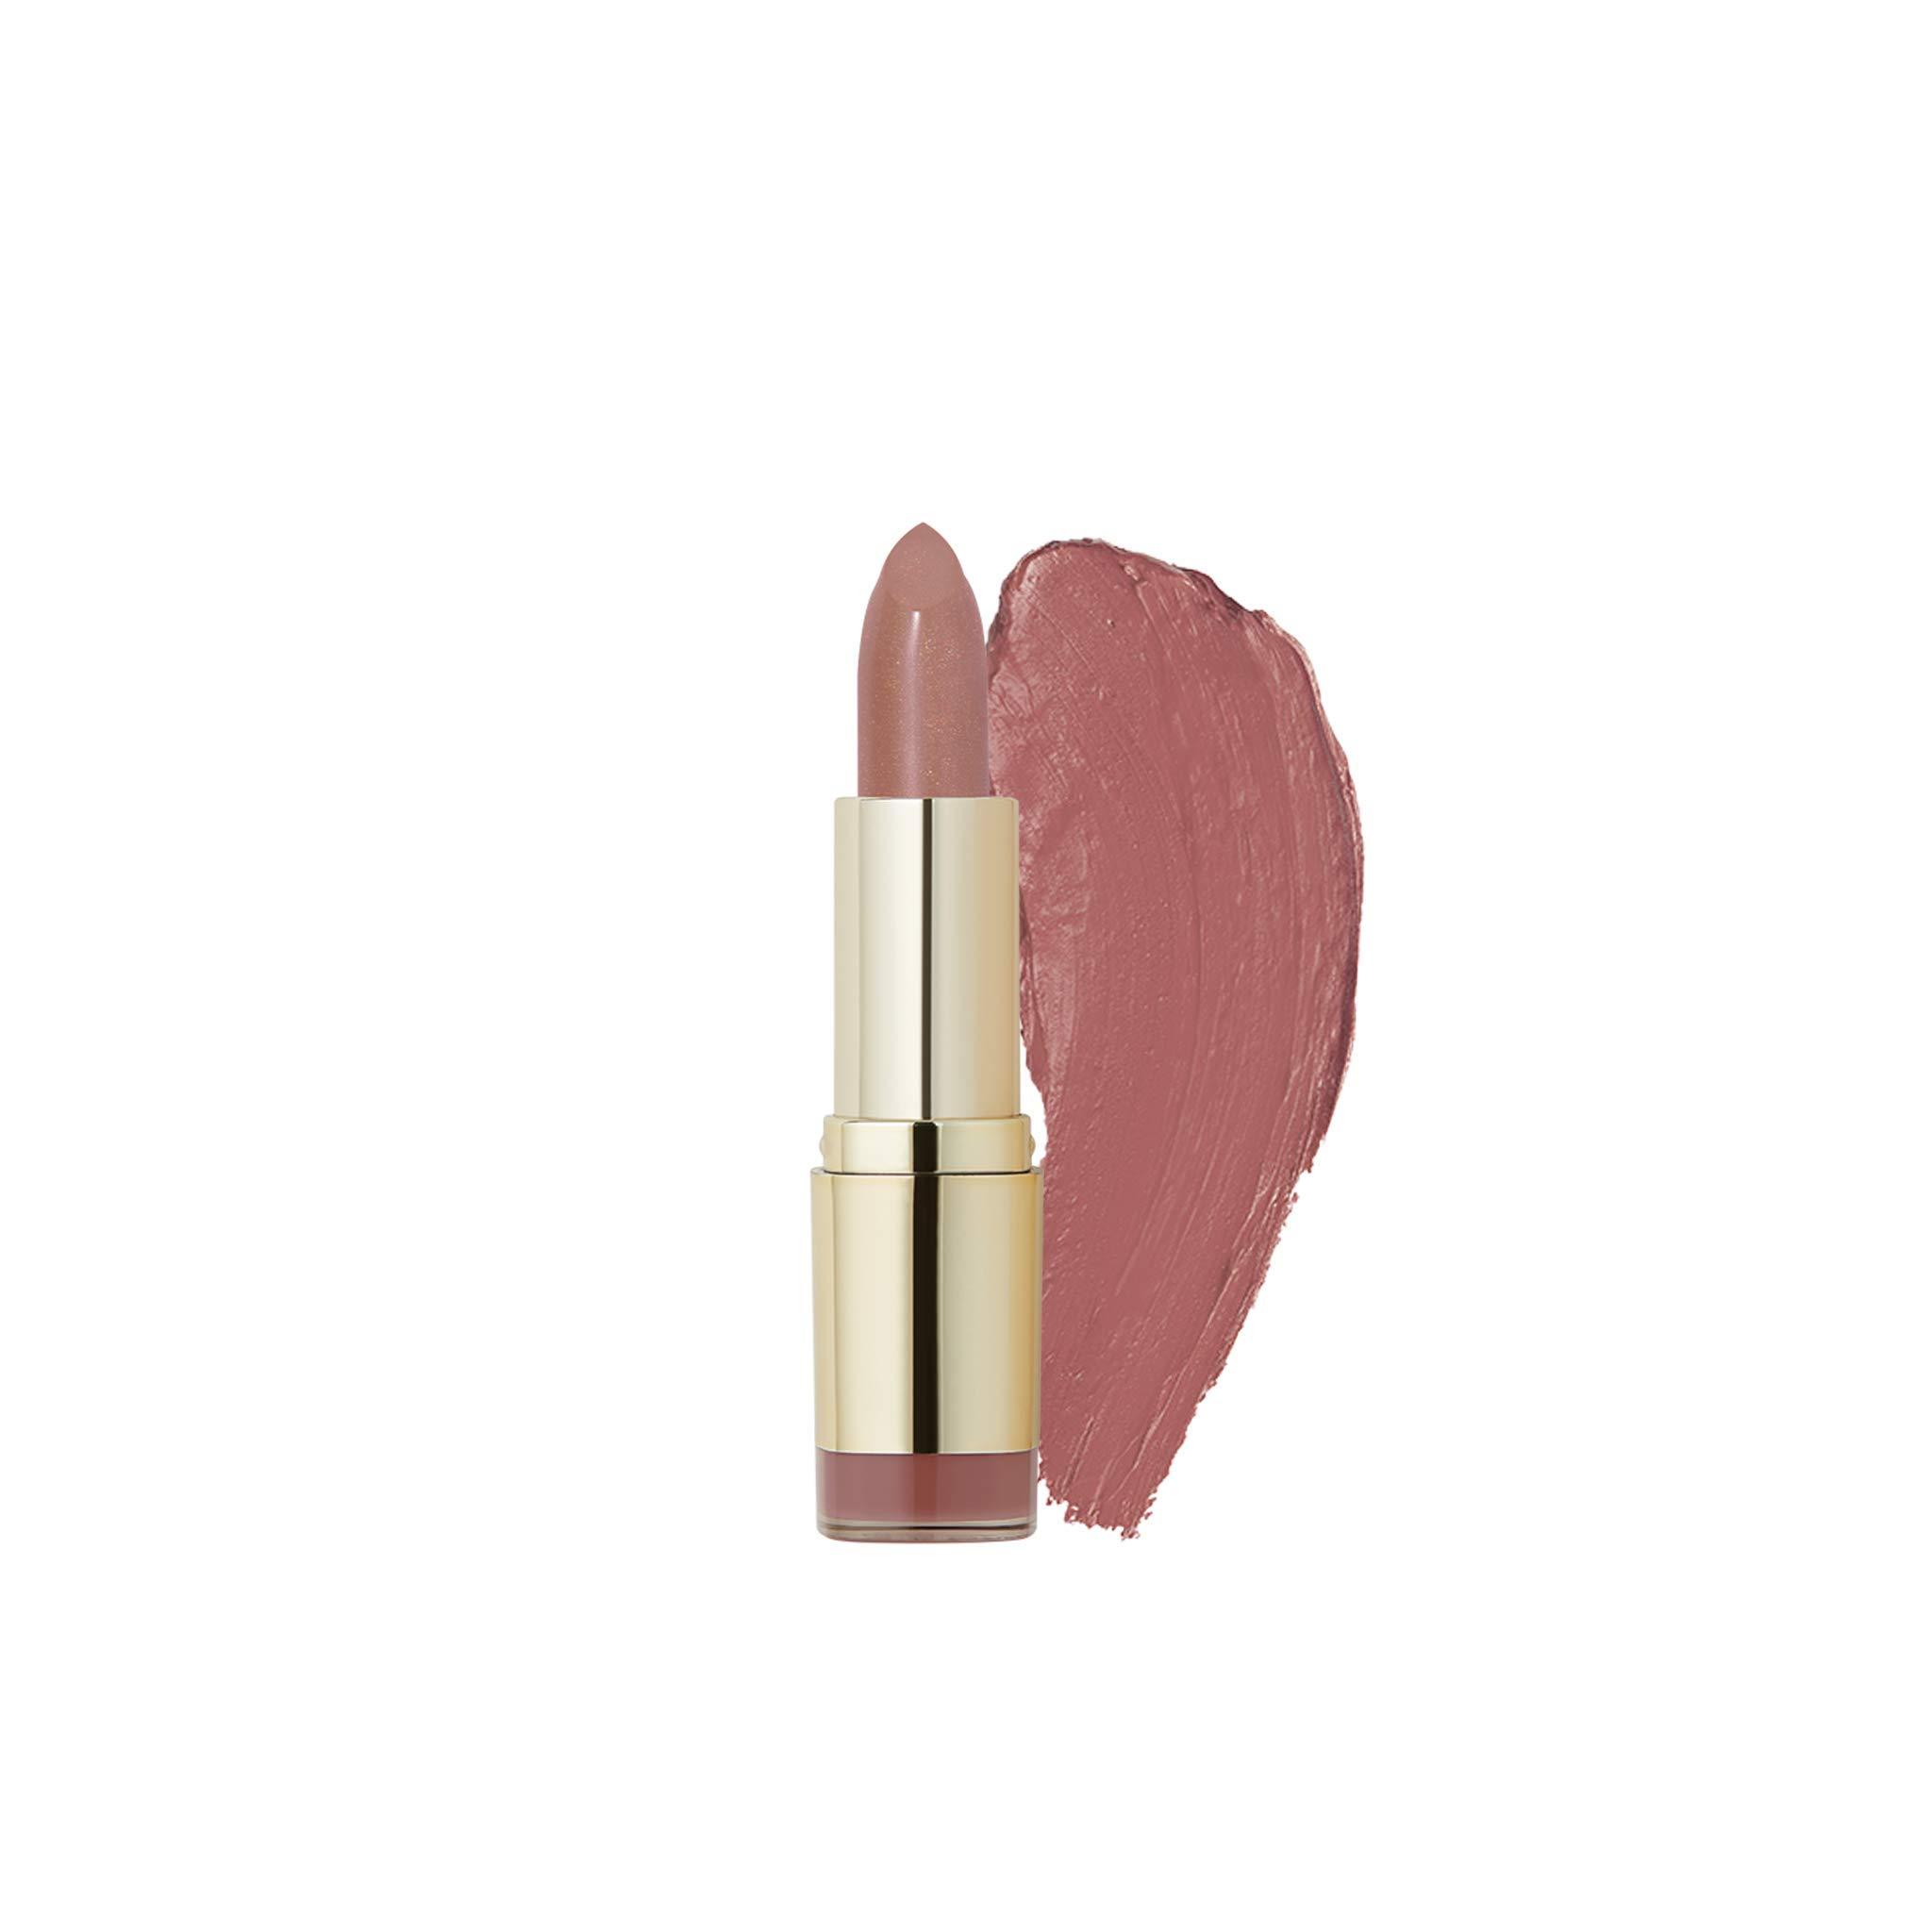 Milani Color Statement Lipstick - Dulce Carmelo, Cruelty-Free Nourishing Lip Stick in Vibrant Shades, Pink Lipstick, 0.14 Ounce